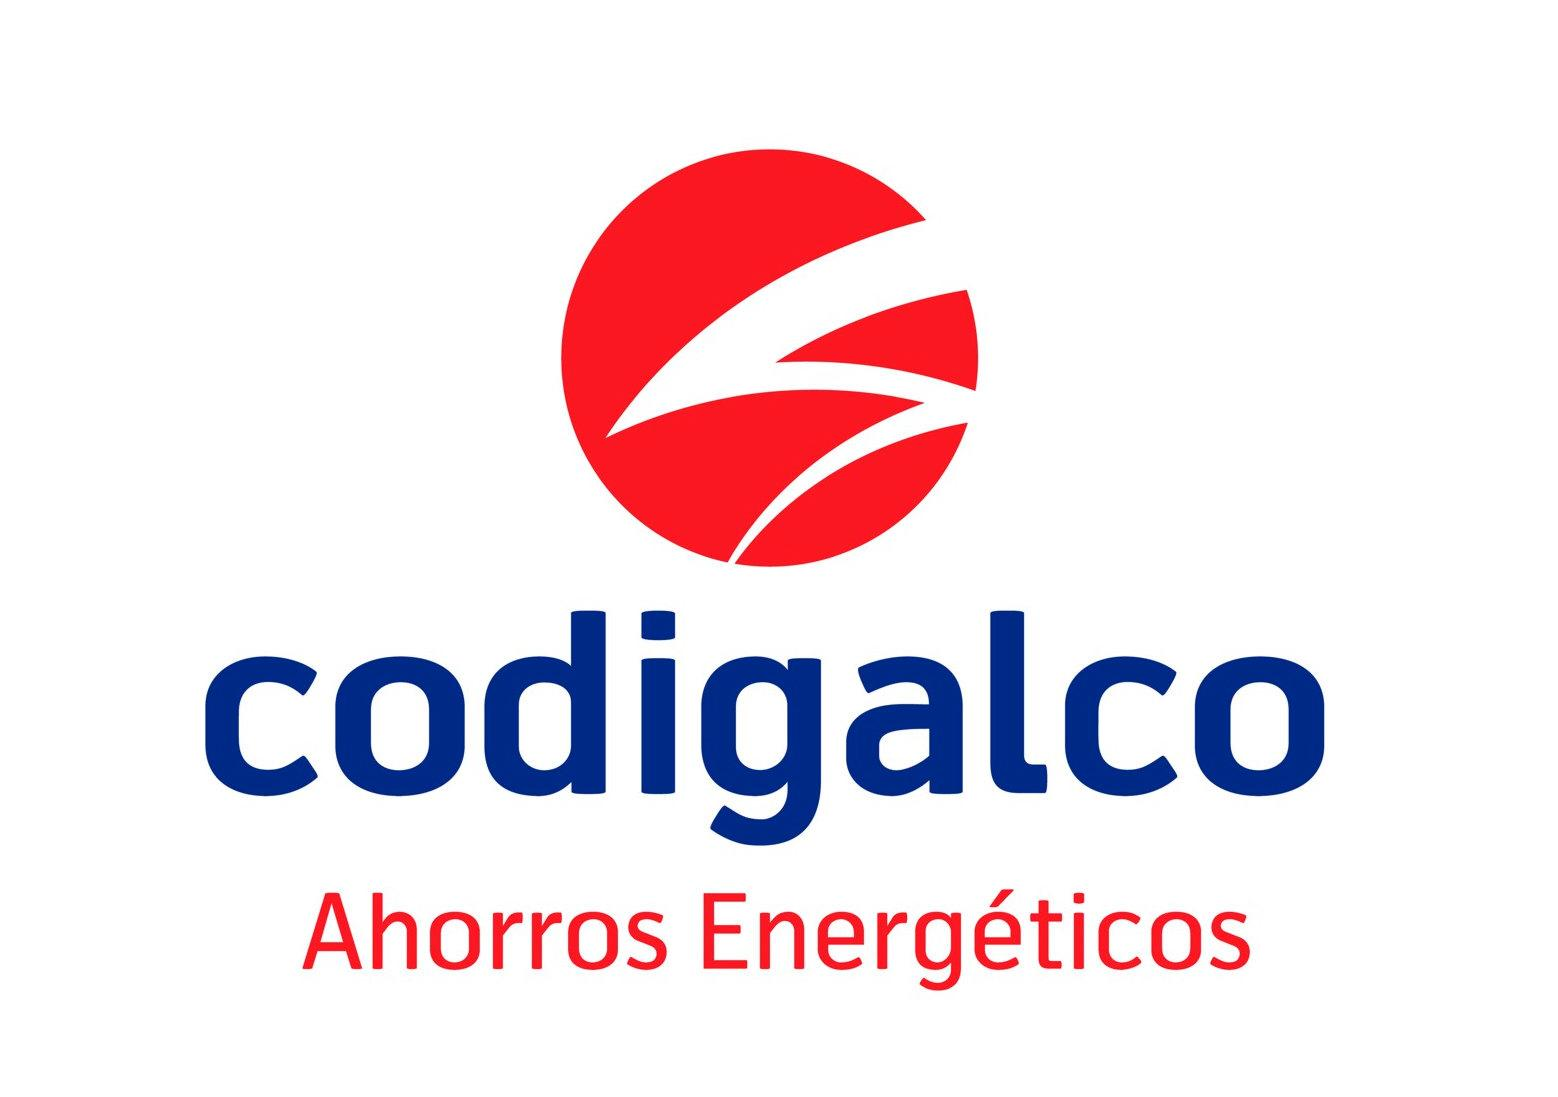 El juego interior del rival y el agotamiento físico condenan al CODIGALCO Carmelitas en Vigo